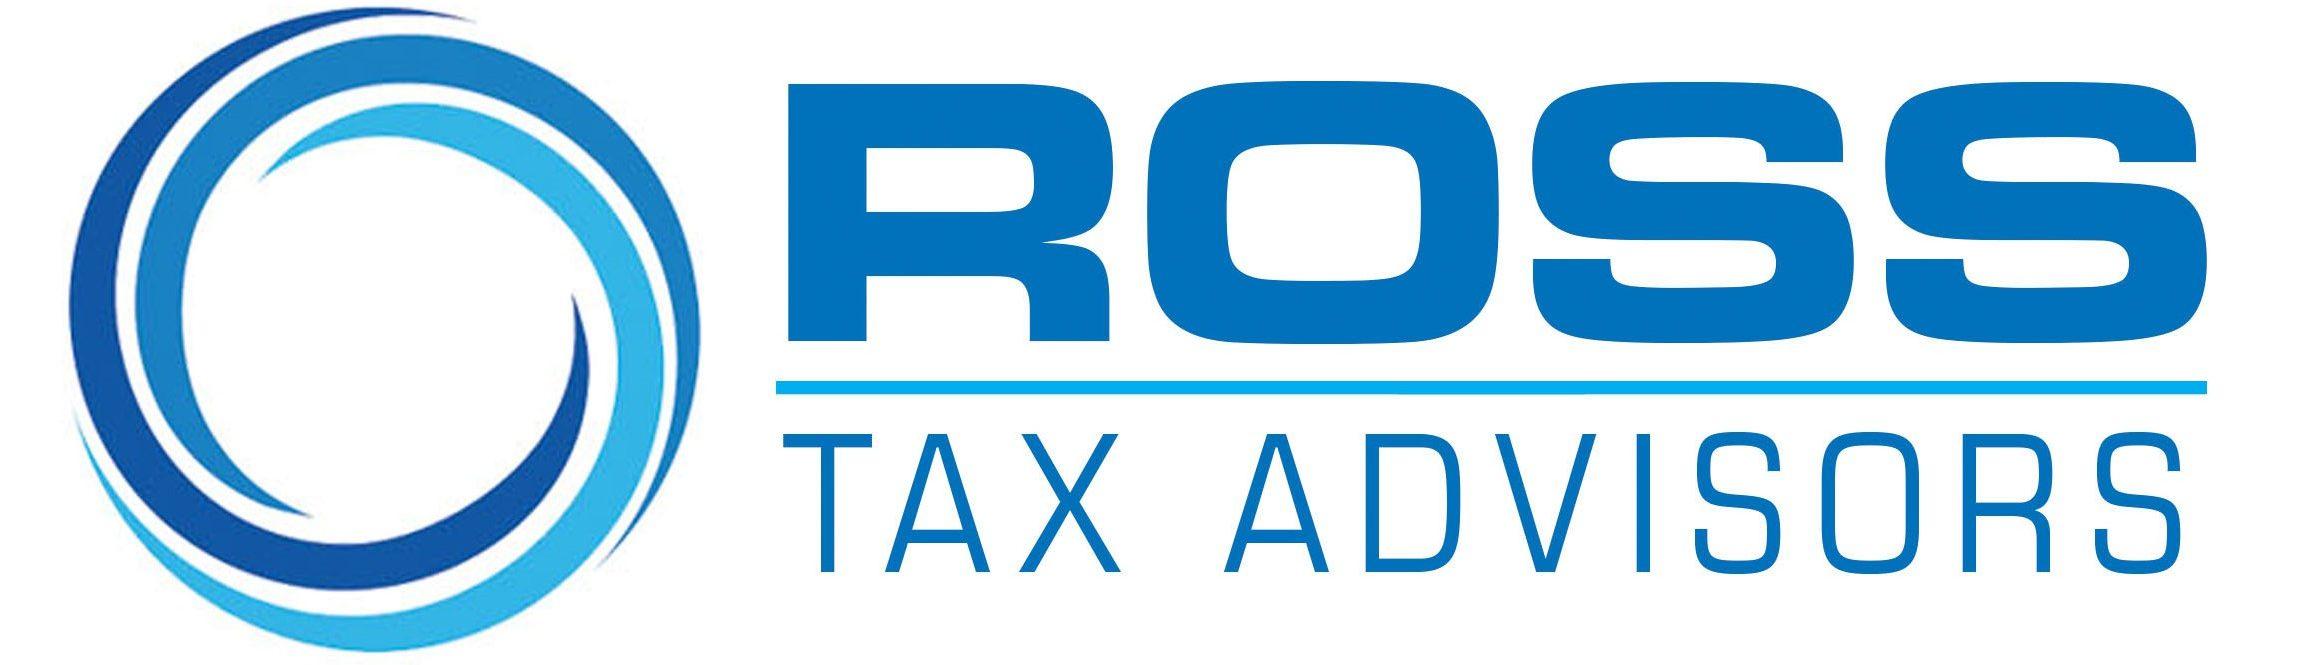 Ross Tax Advisors